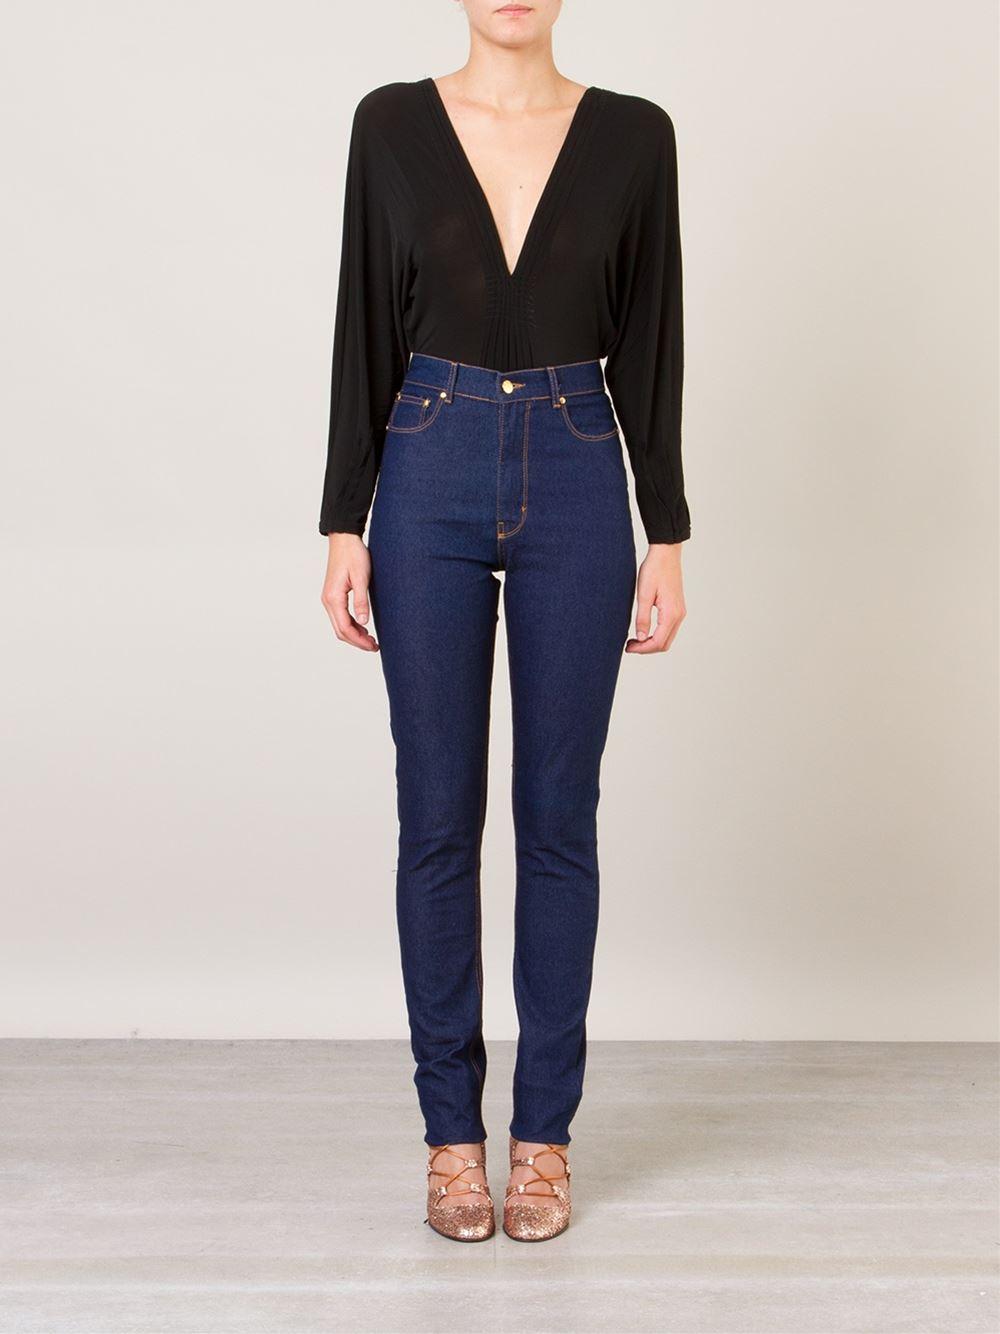 Skinny cintura alta Amapô - compre aqui imagem: Farfetch